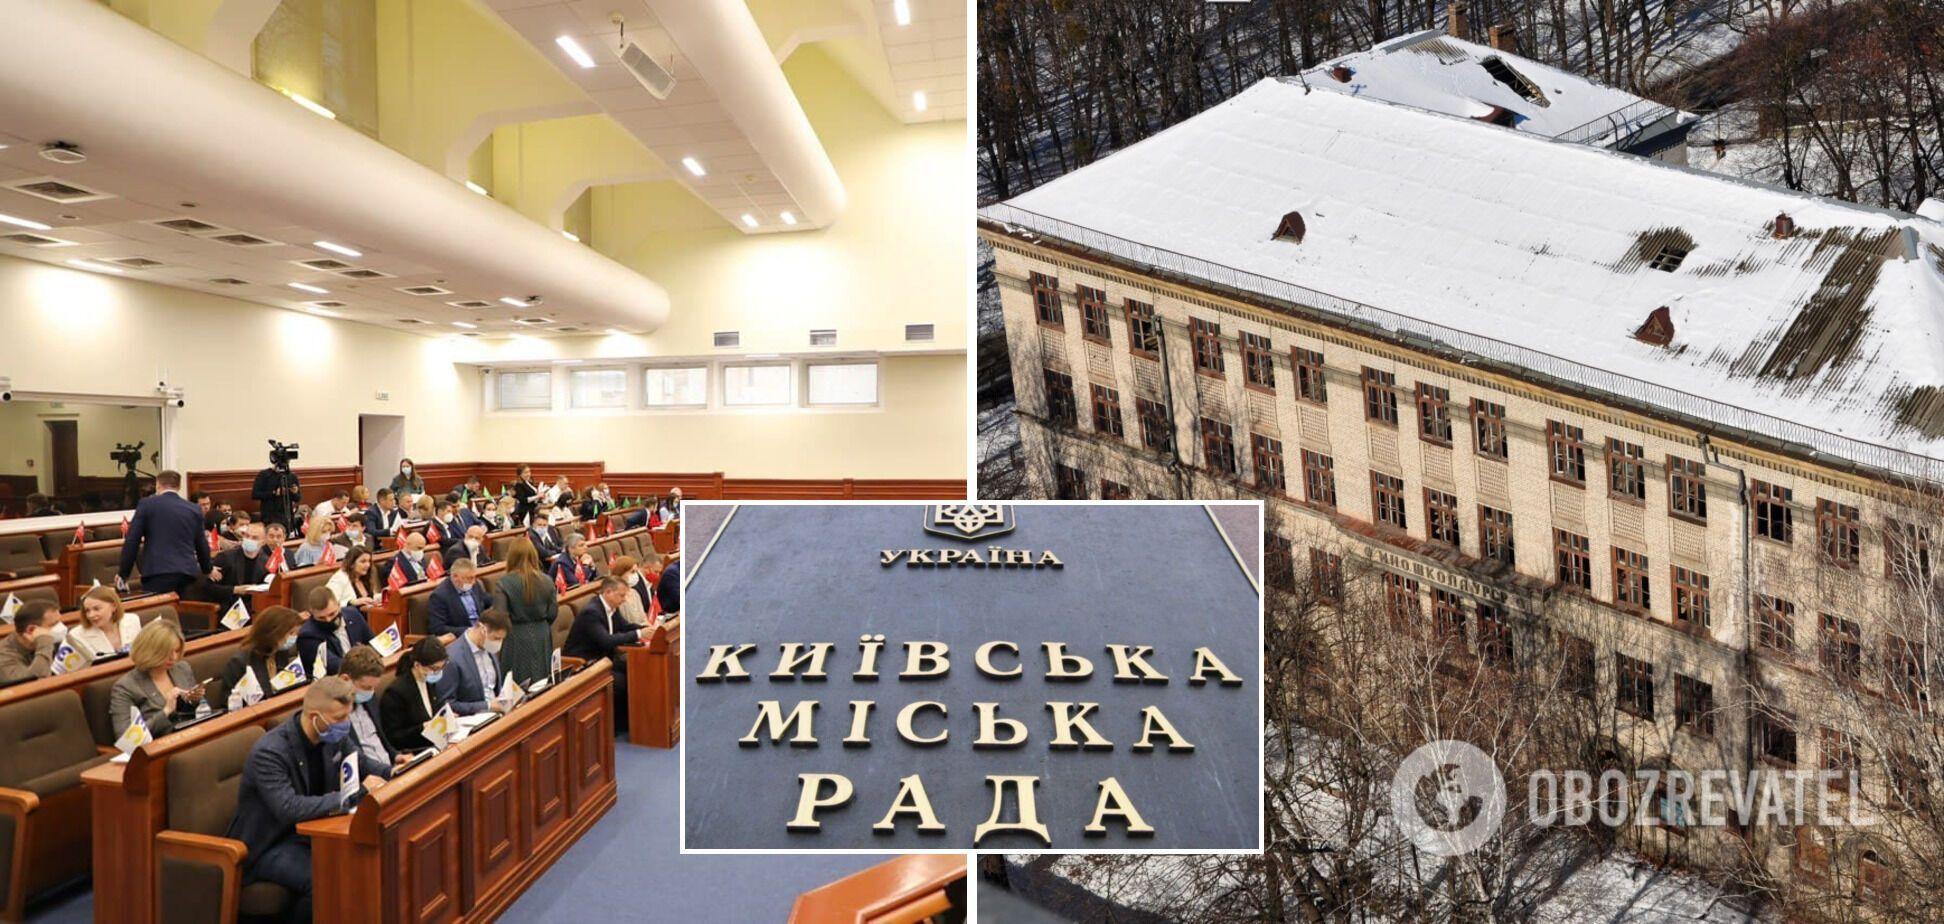 Київрада дала дозвіл на знесення історичної будівлі в столиці, – активіст